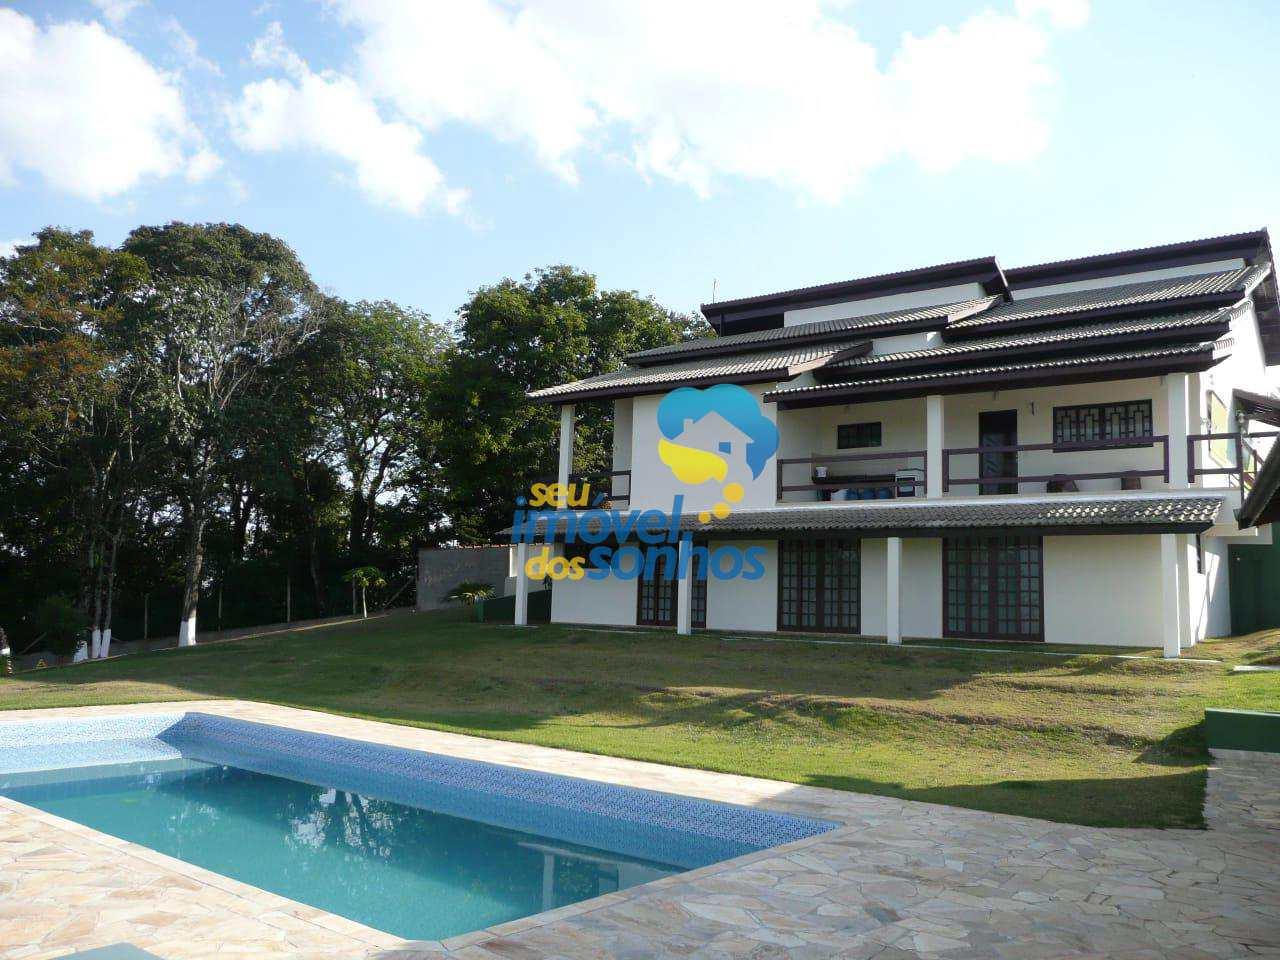 Chácara com 4 dorms, Jardim do Pinhal, Pinhalzinho - R$ 800 mil, Cod: 35